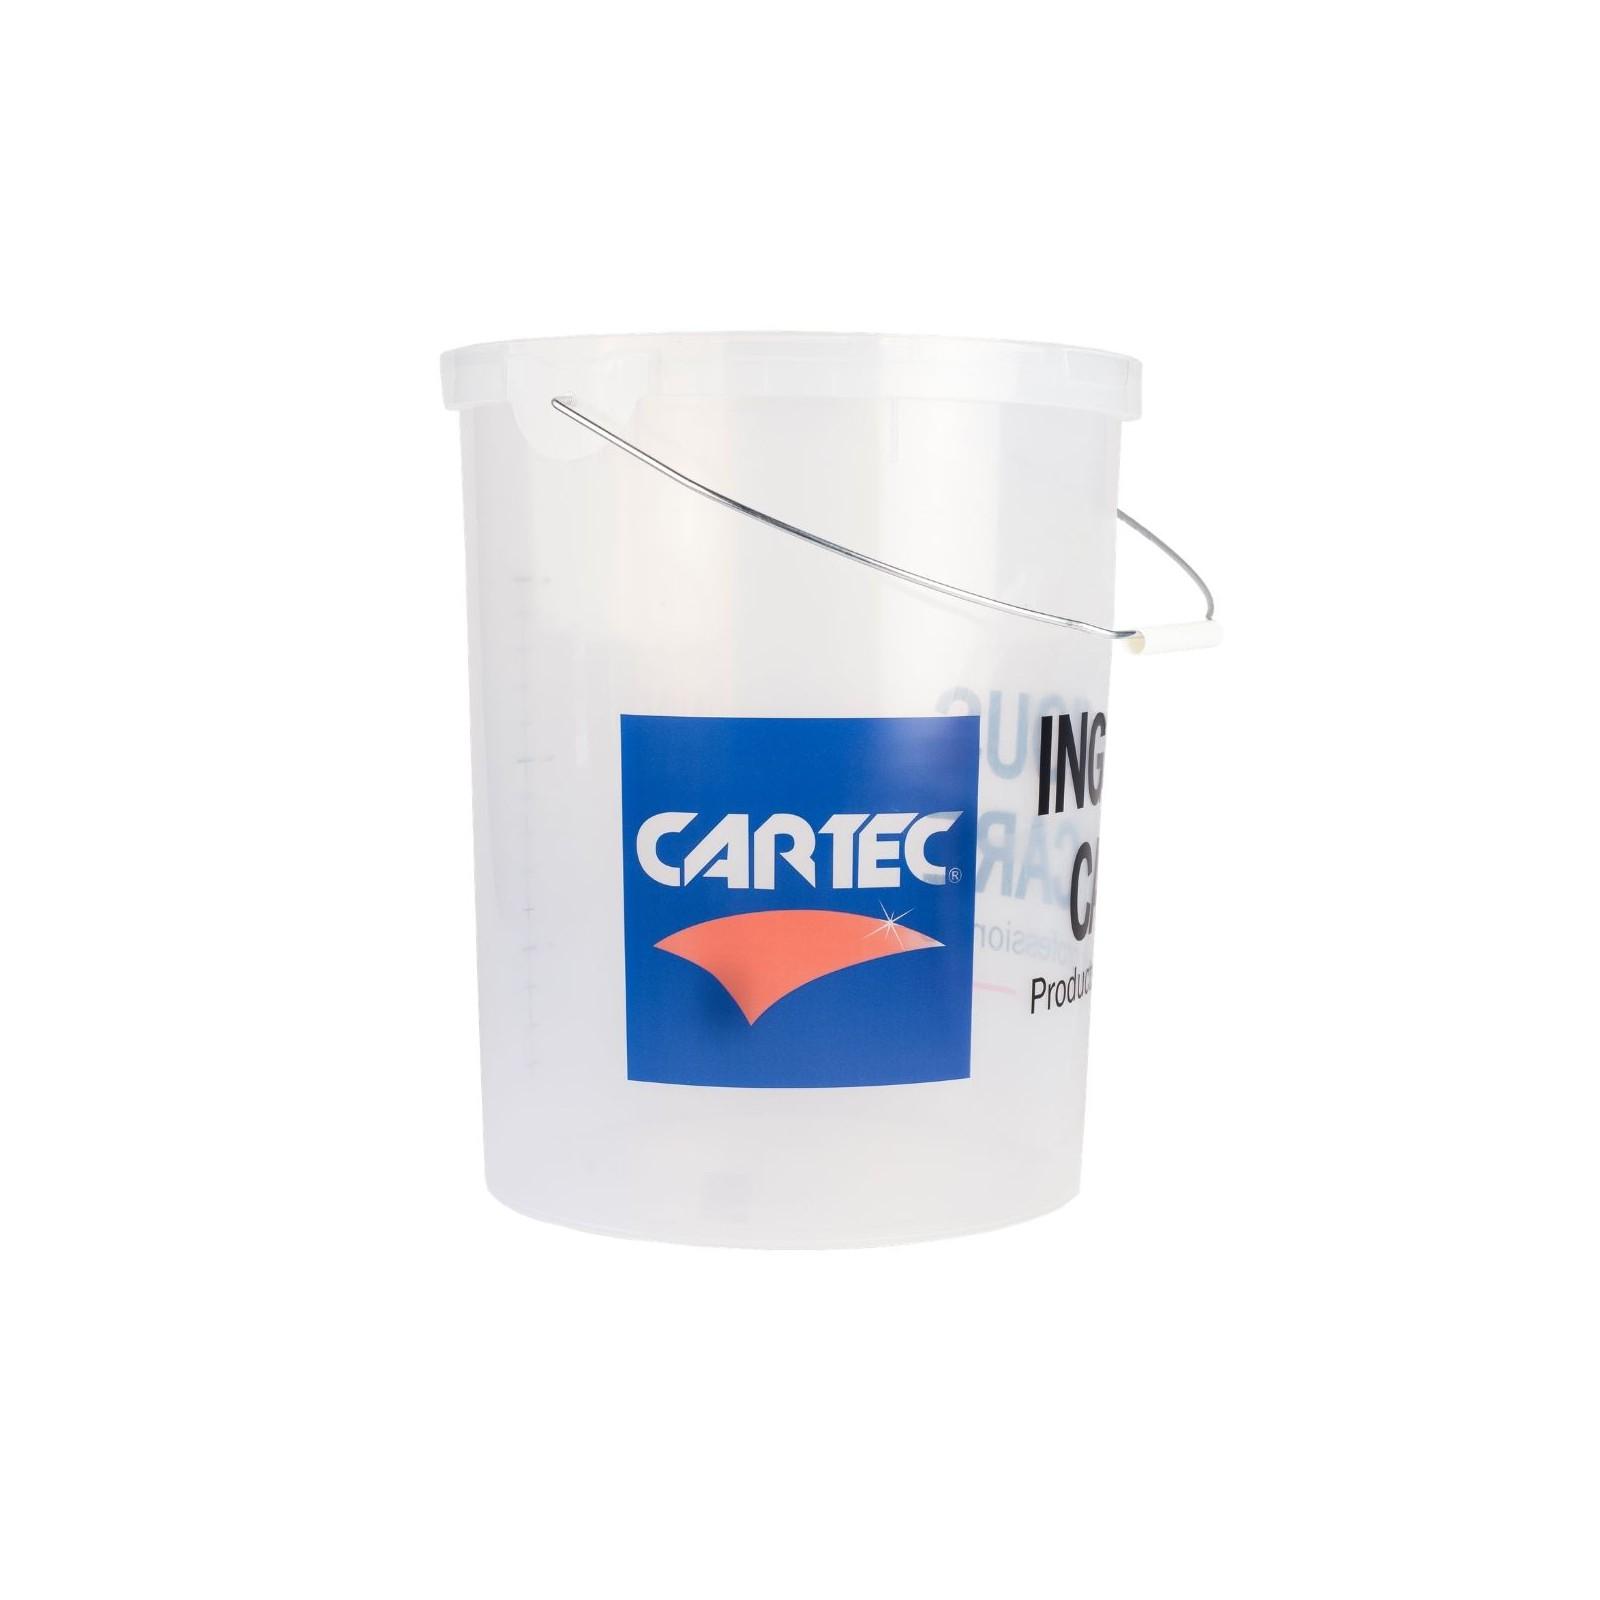 Cartec emmer transparant 21 liter